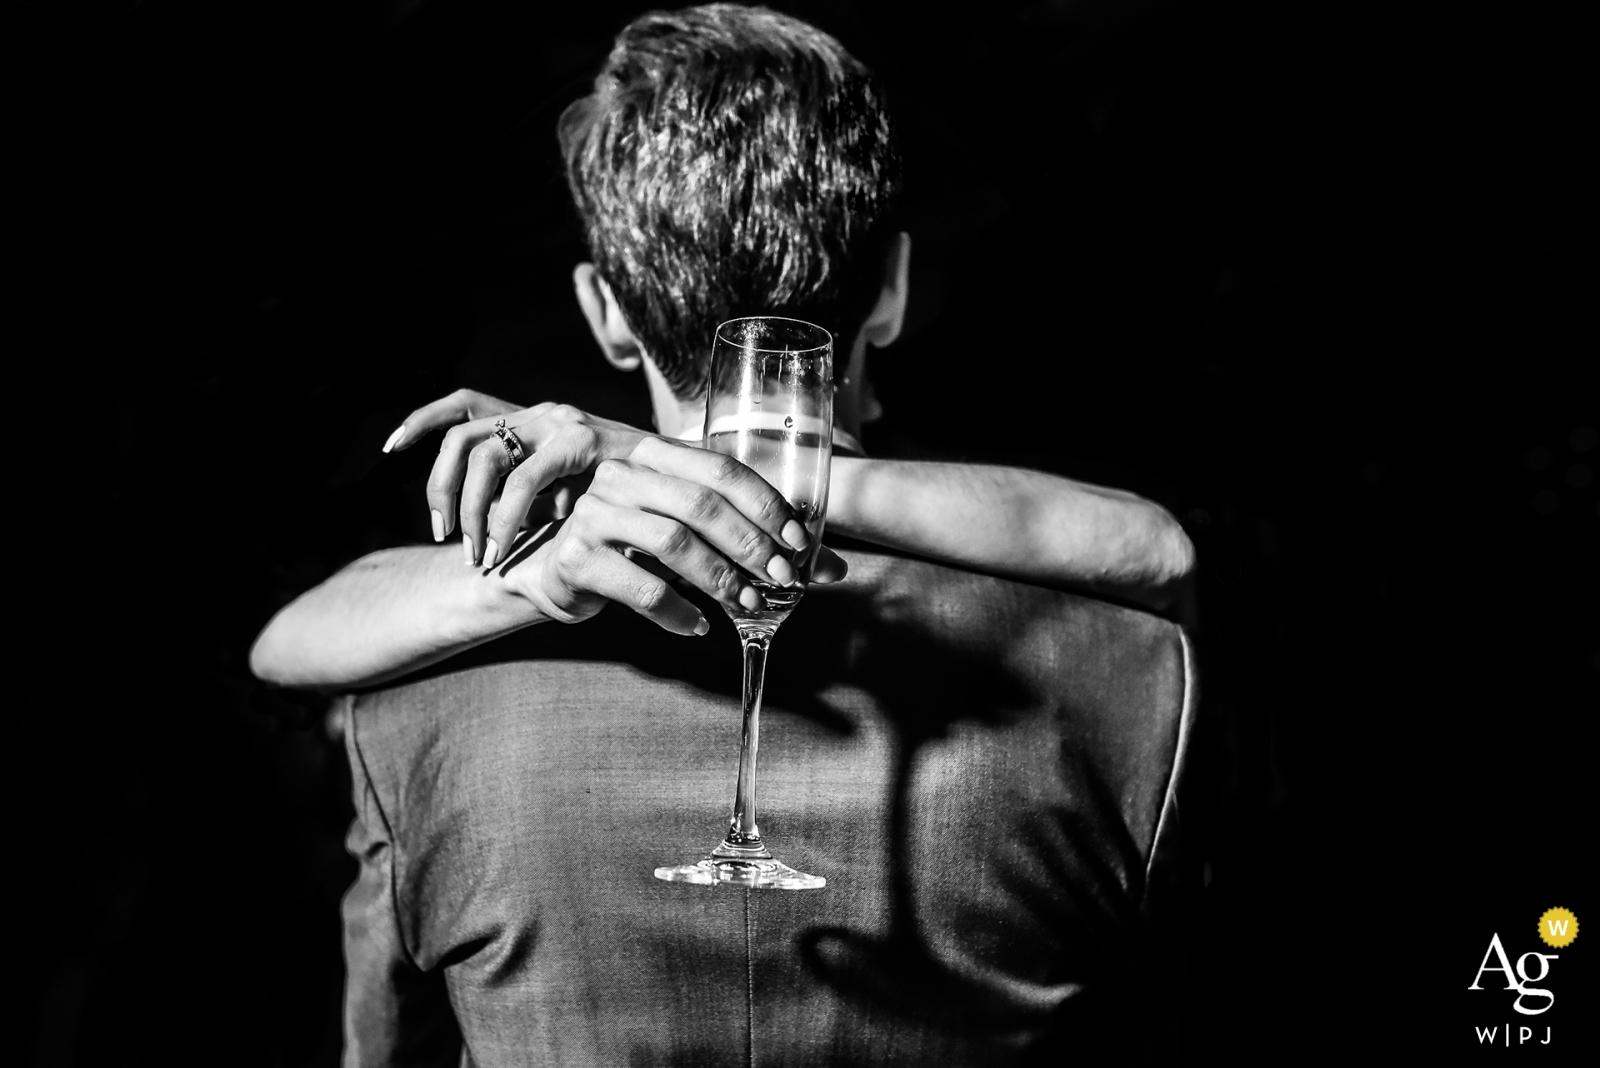 創意婚紗攝影  擁抱新郎的新娘舉行的香檳玻璃細節